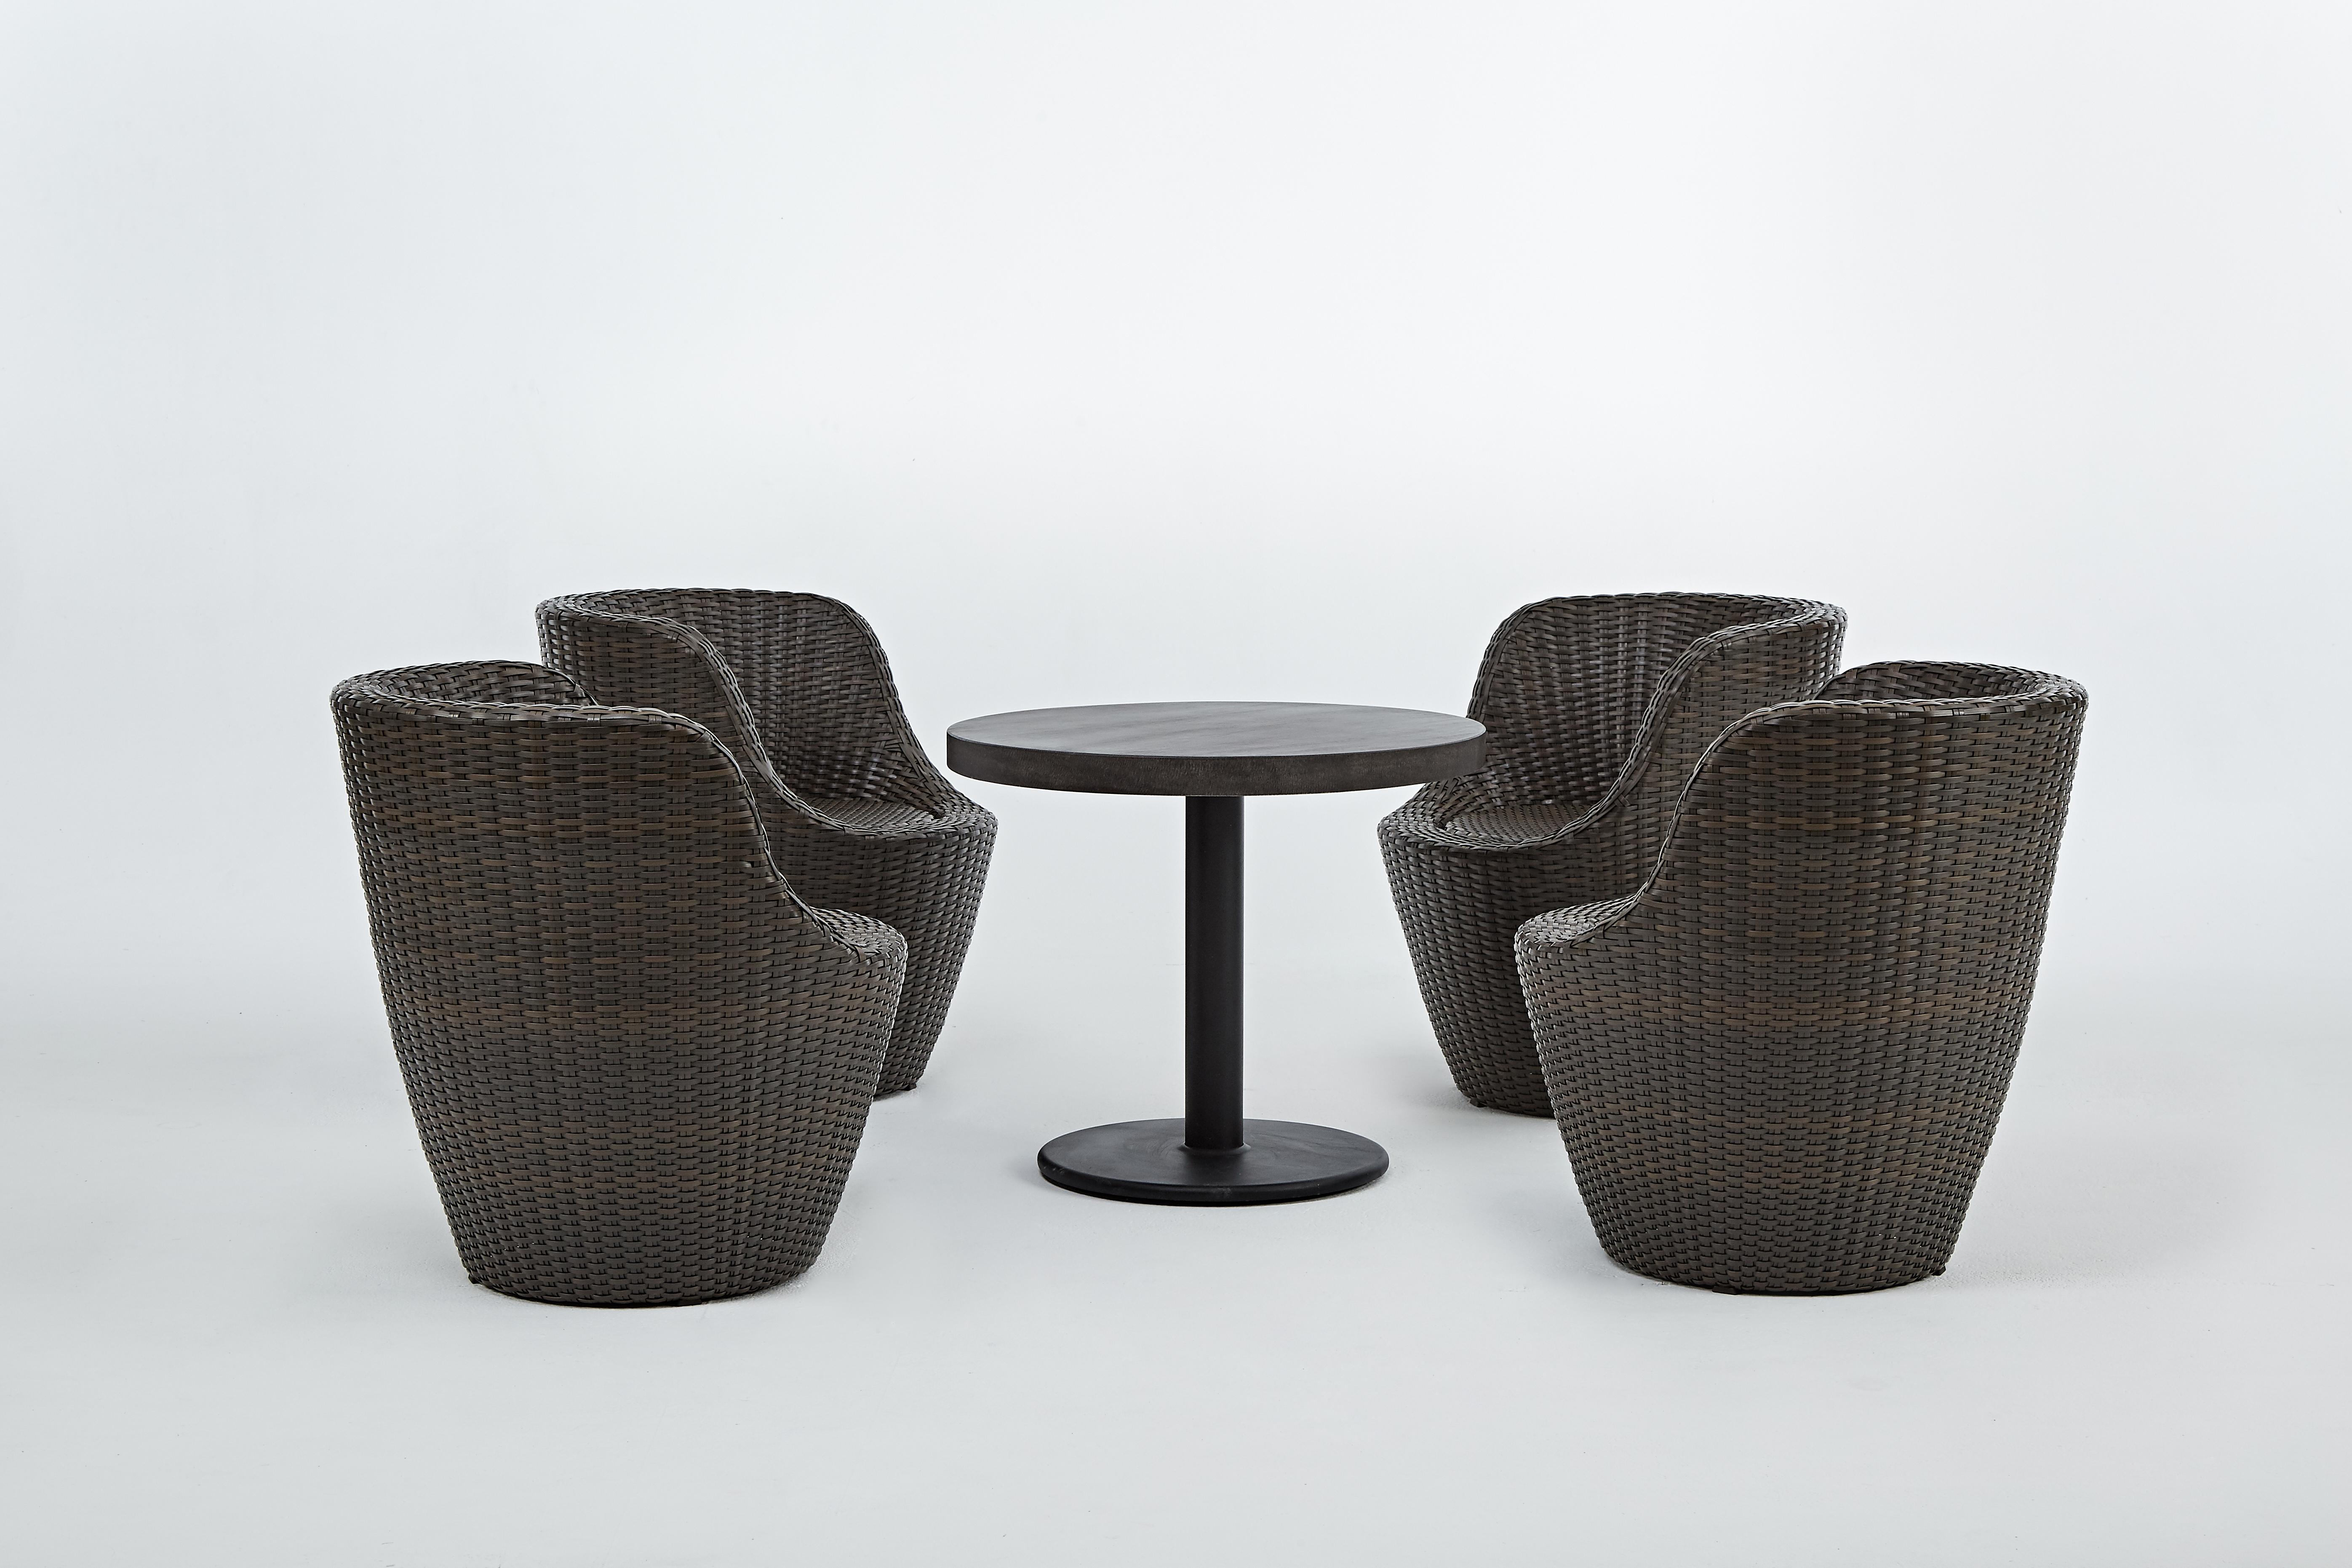 圓形茶几+鵝卵石椅